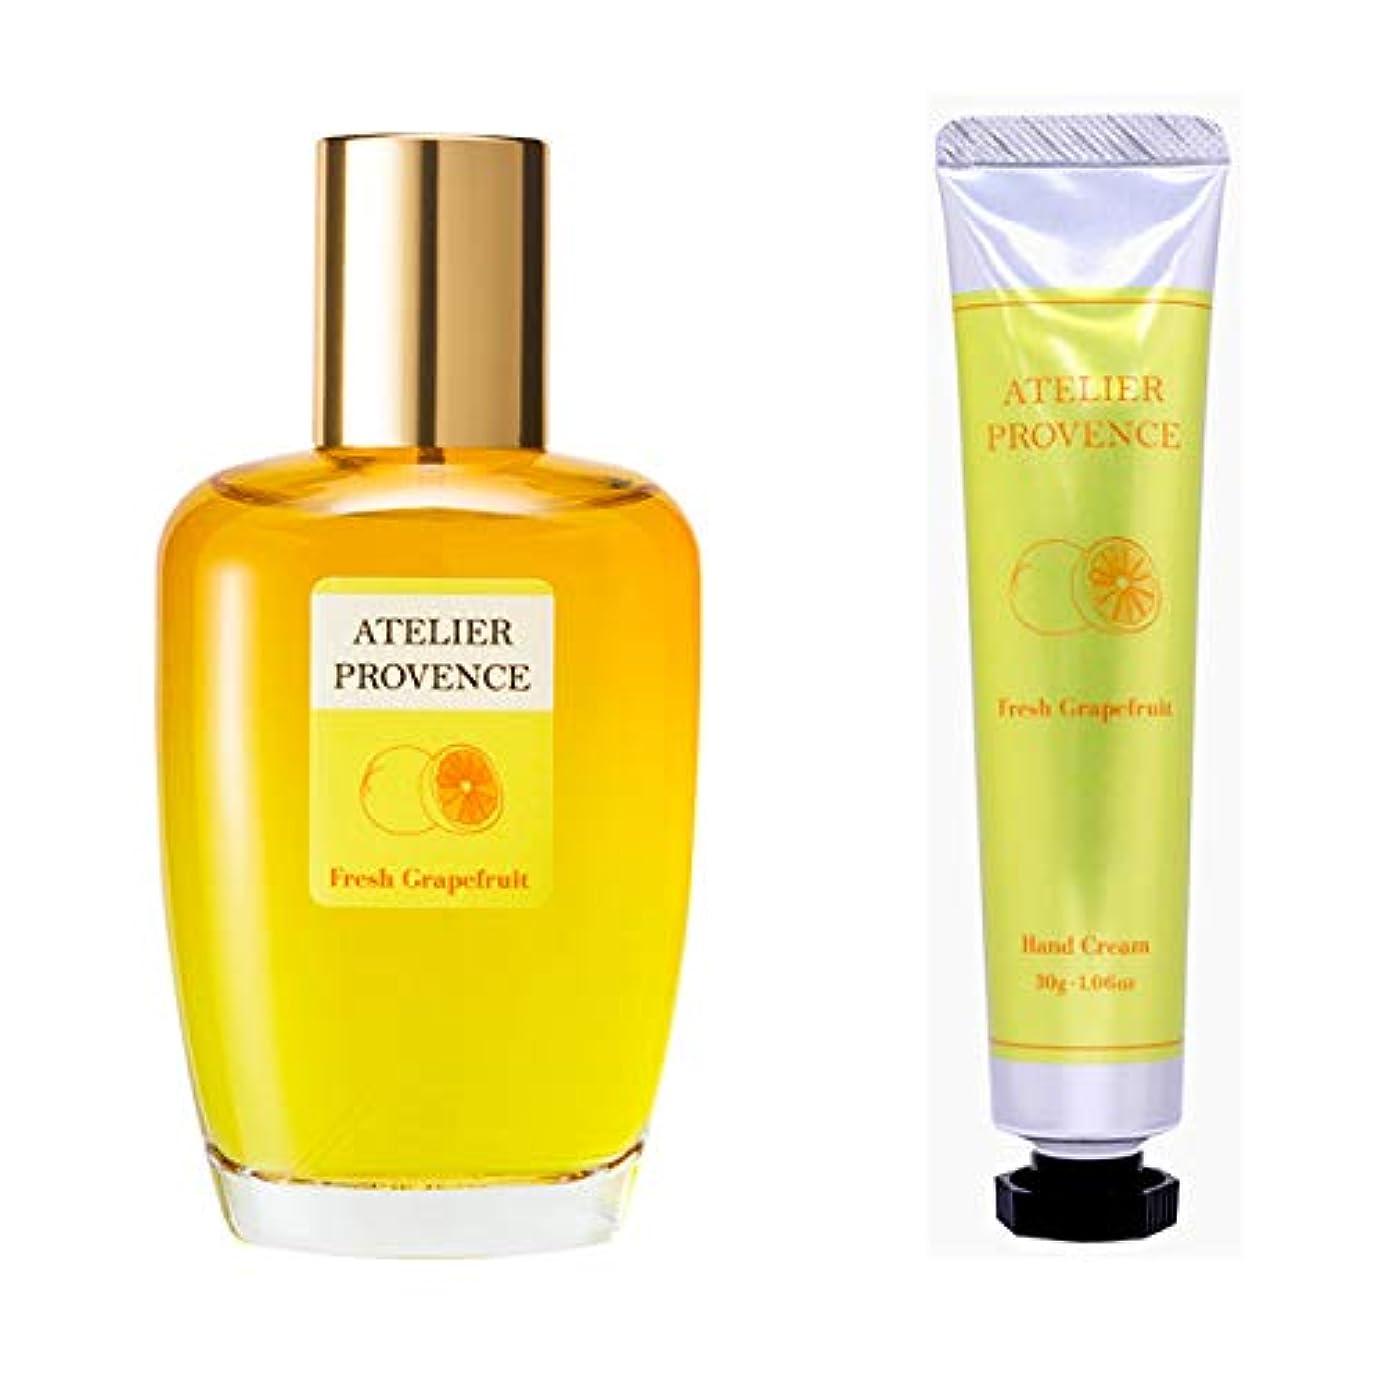 場合アミューズ概念アトリエ プロヴァンス ATELIER PROVENCE フレッシュグレープフルーツの香り コフレセット(EDT90ml+ハンドクリーム30g)